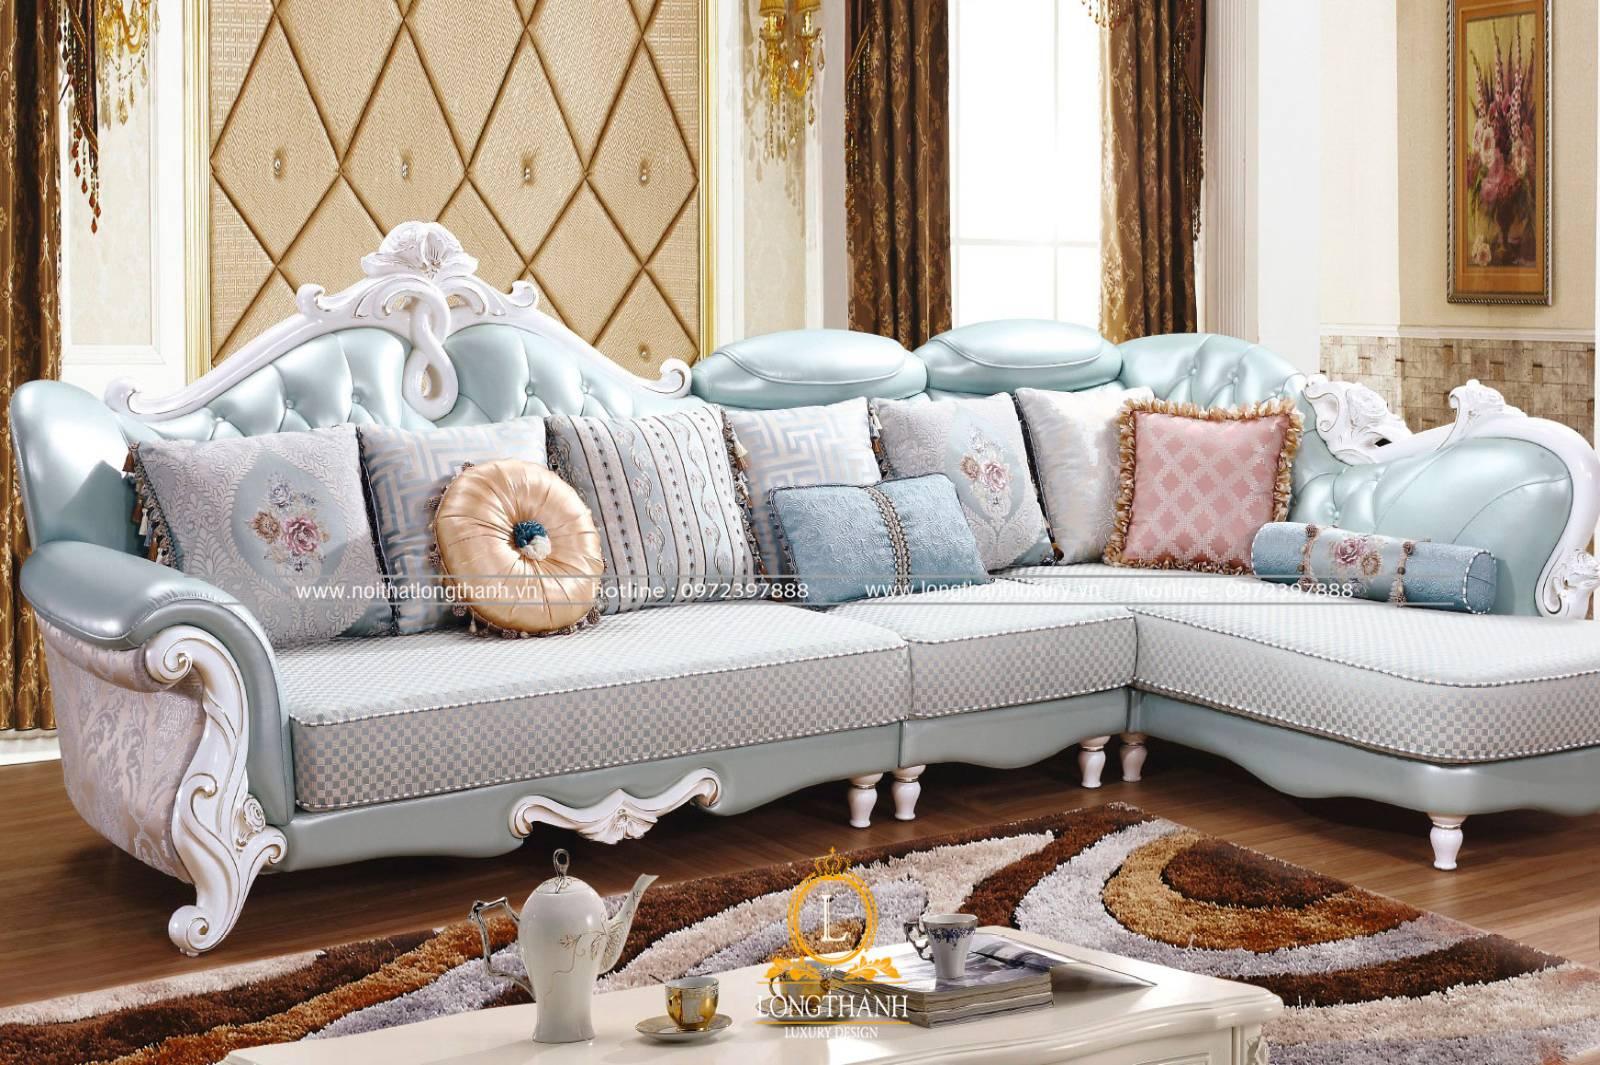 Sofa góc cho phòng khách hiện đại tiện nghi thoải mái